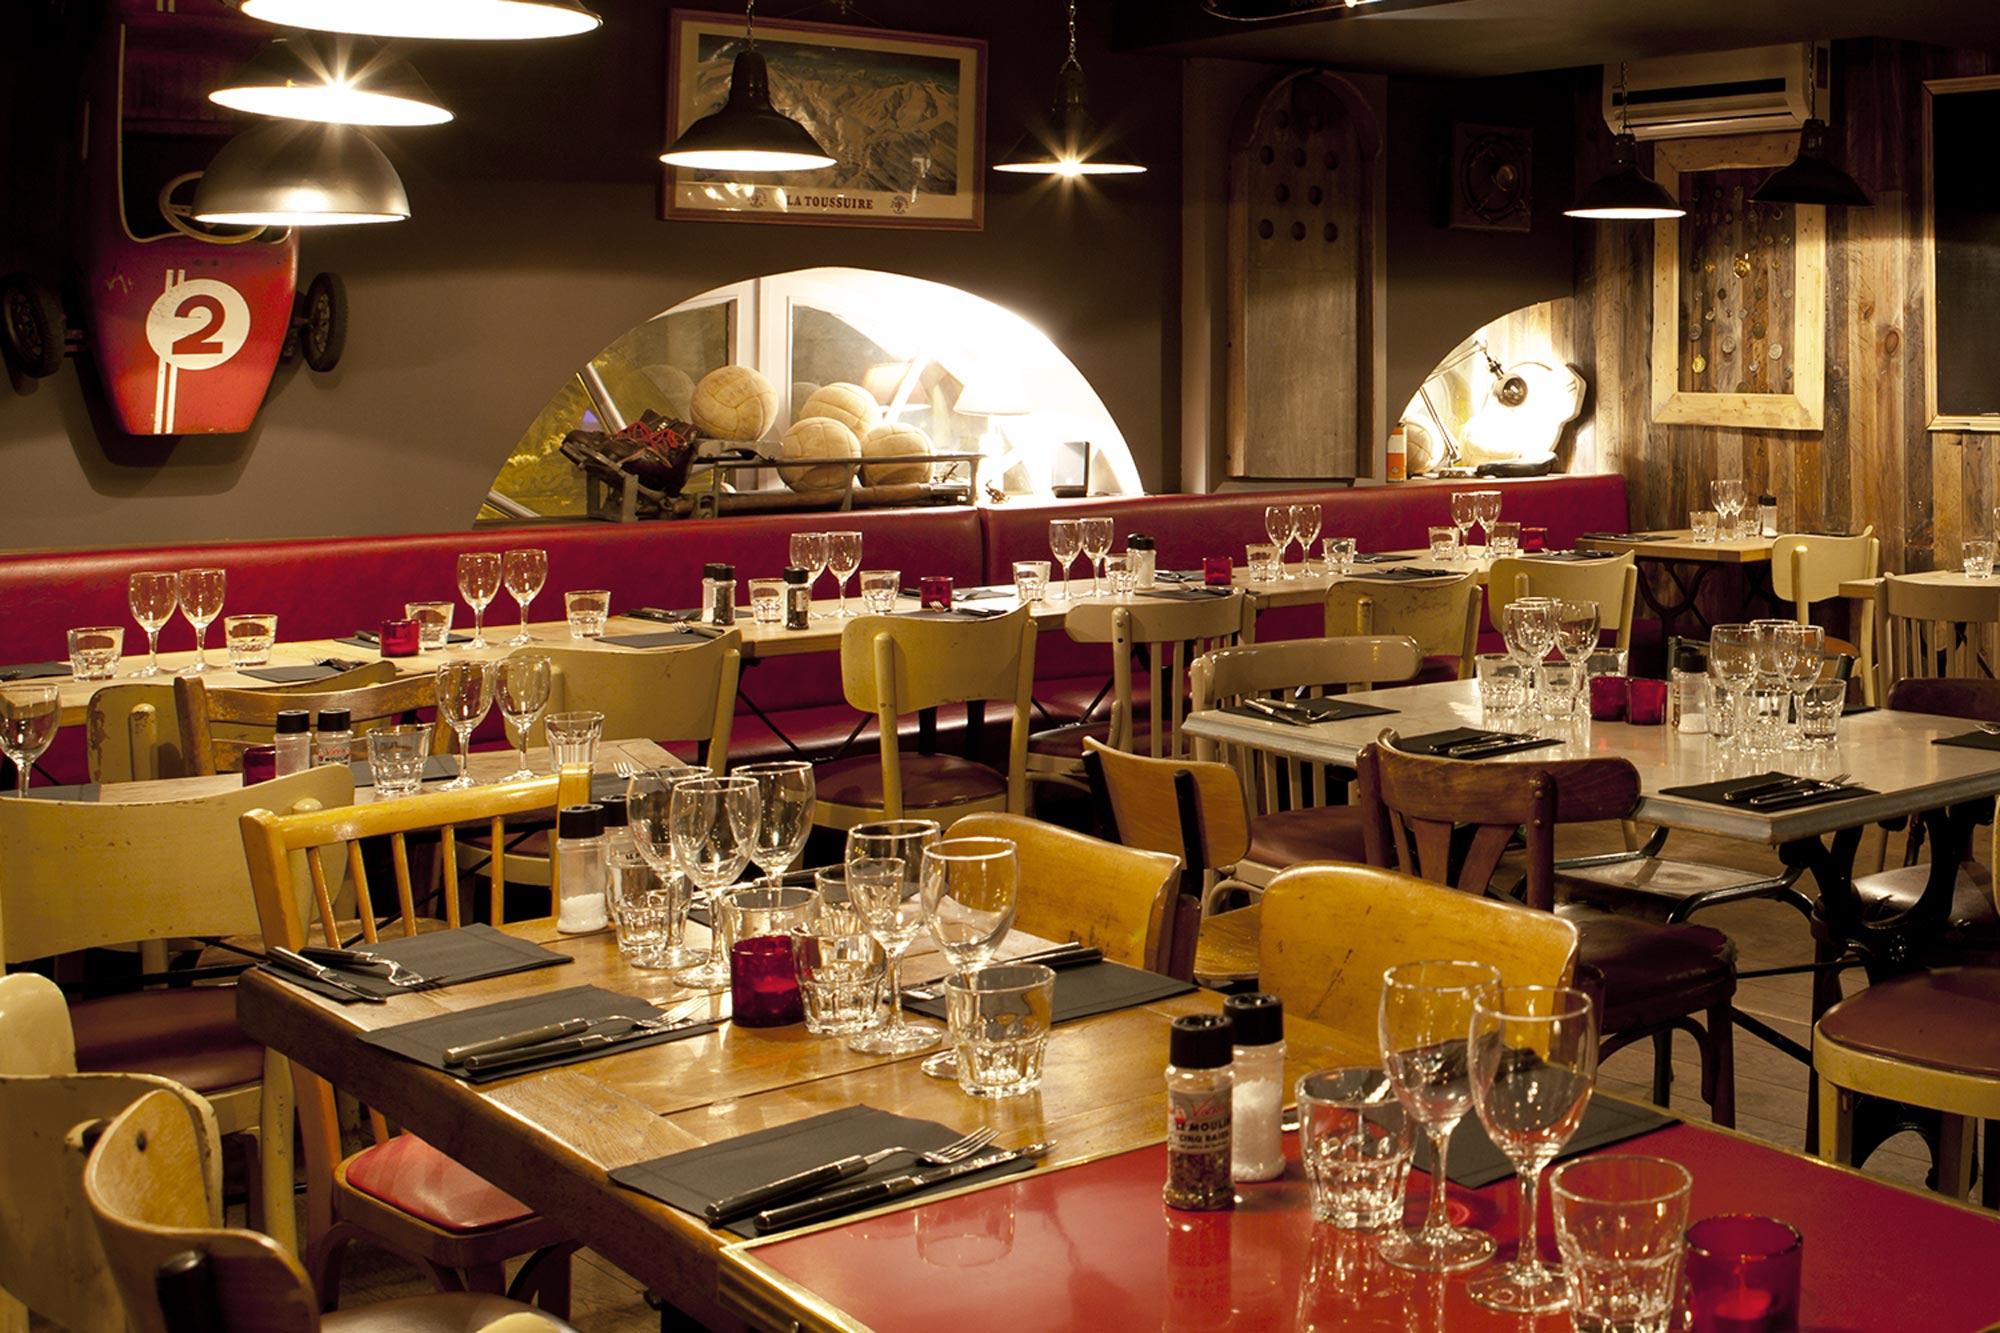 Restaurant 5 Achat Plus, centrale d'achat et de référencement pour la restauration